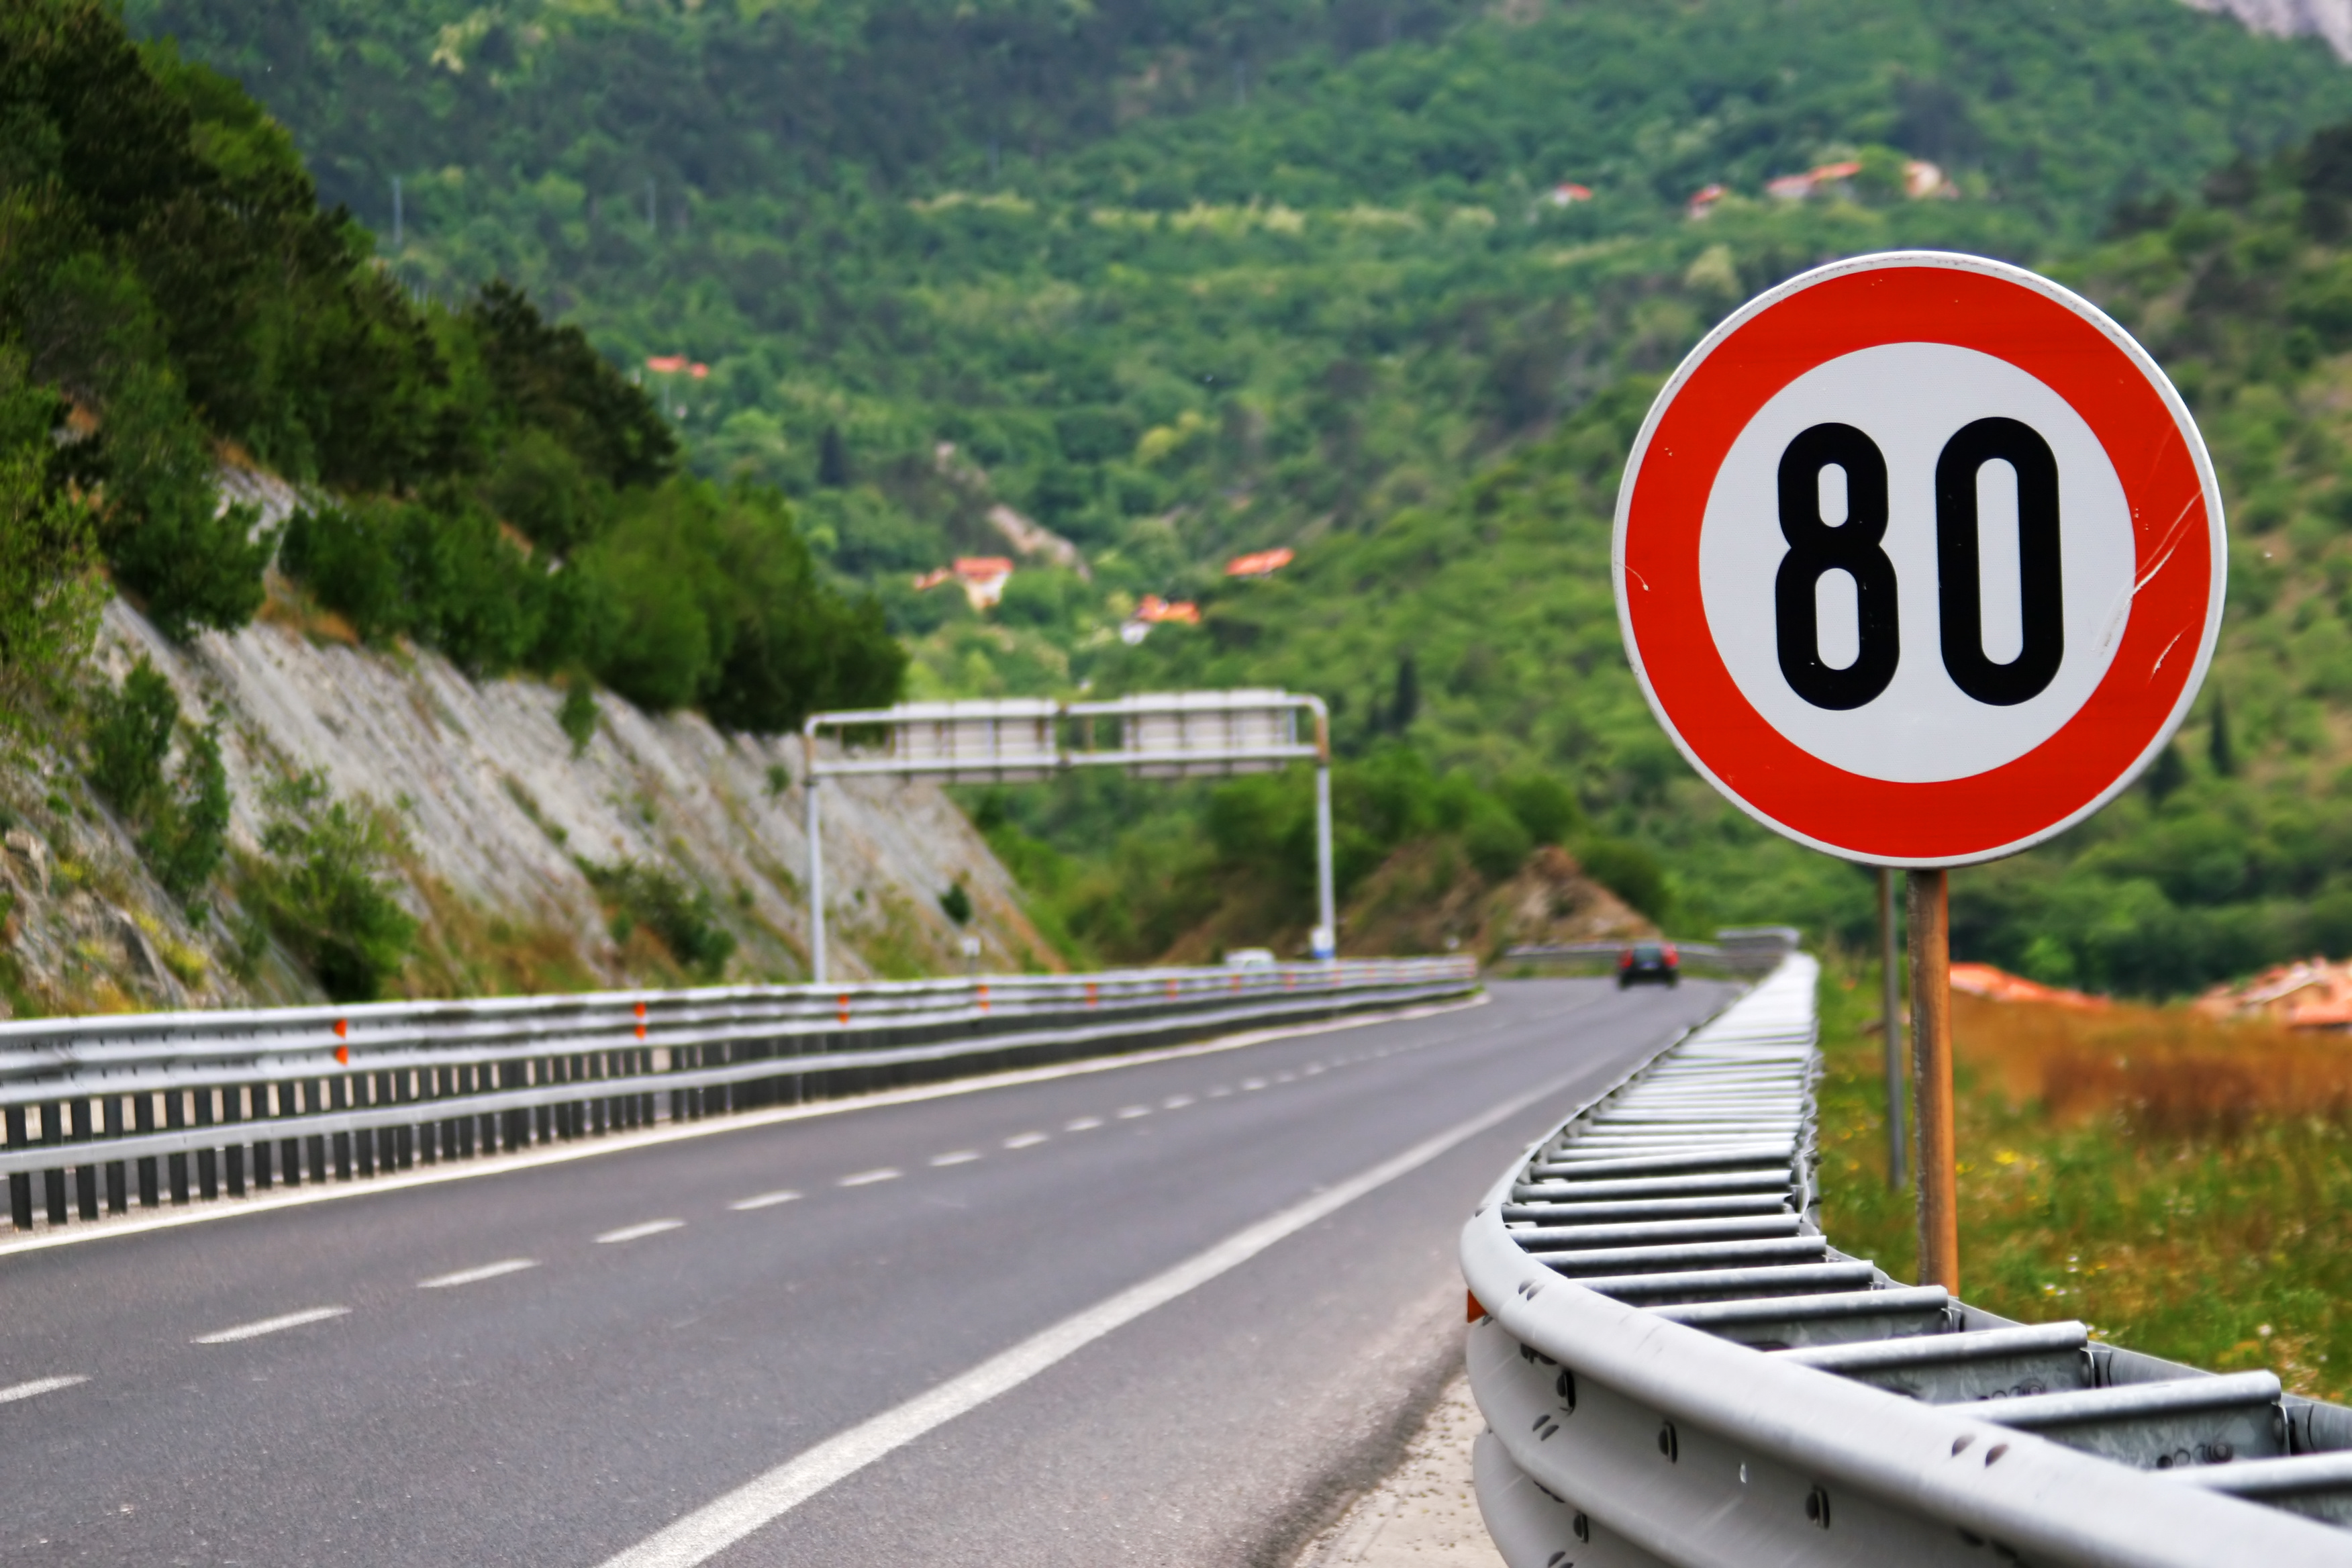 2. Quand la limitation de vitesse est-elle passée de 90 à 80 km/h les routes à double-sens ?